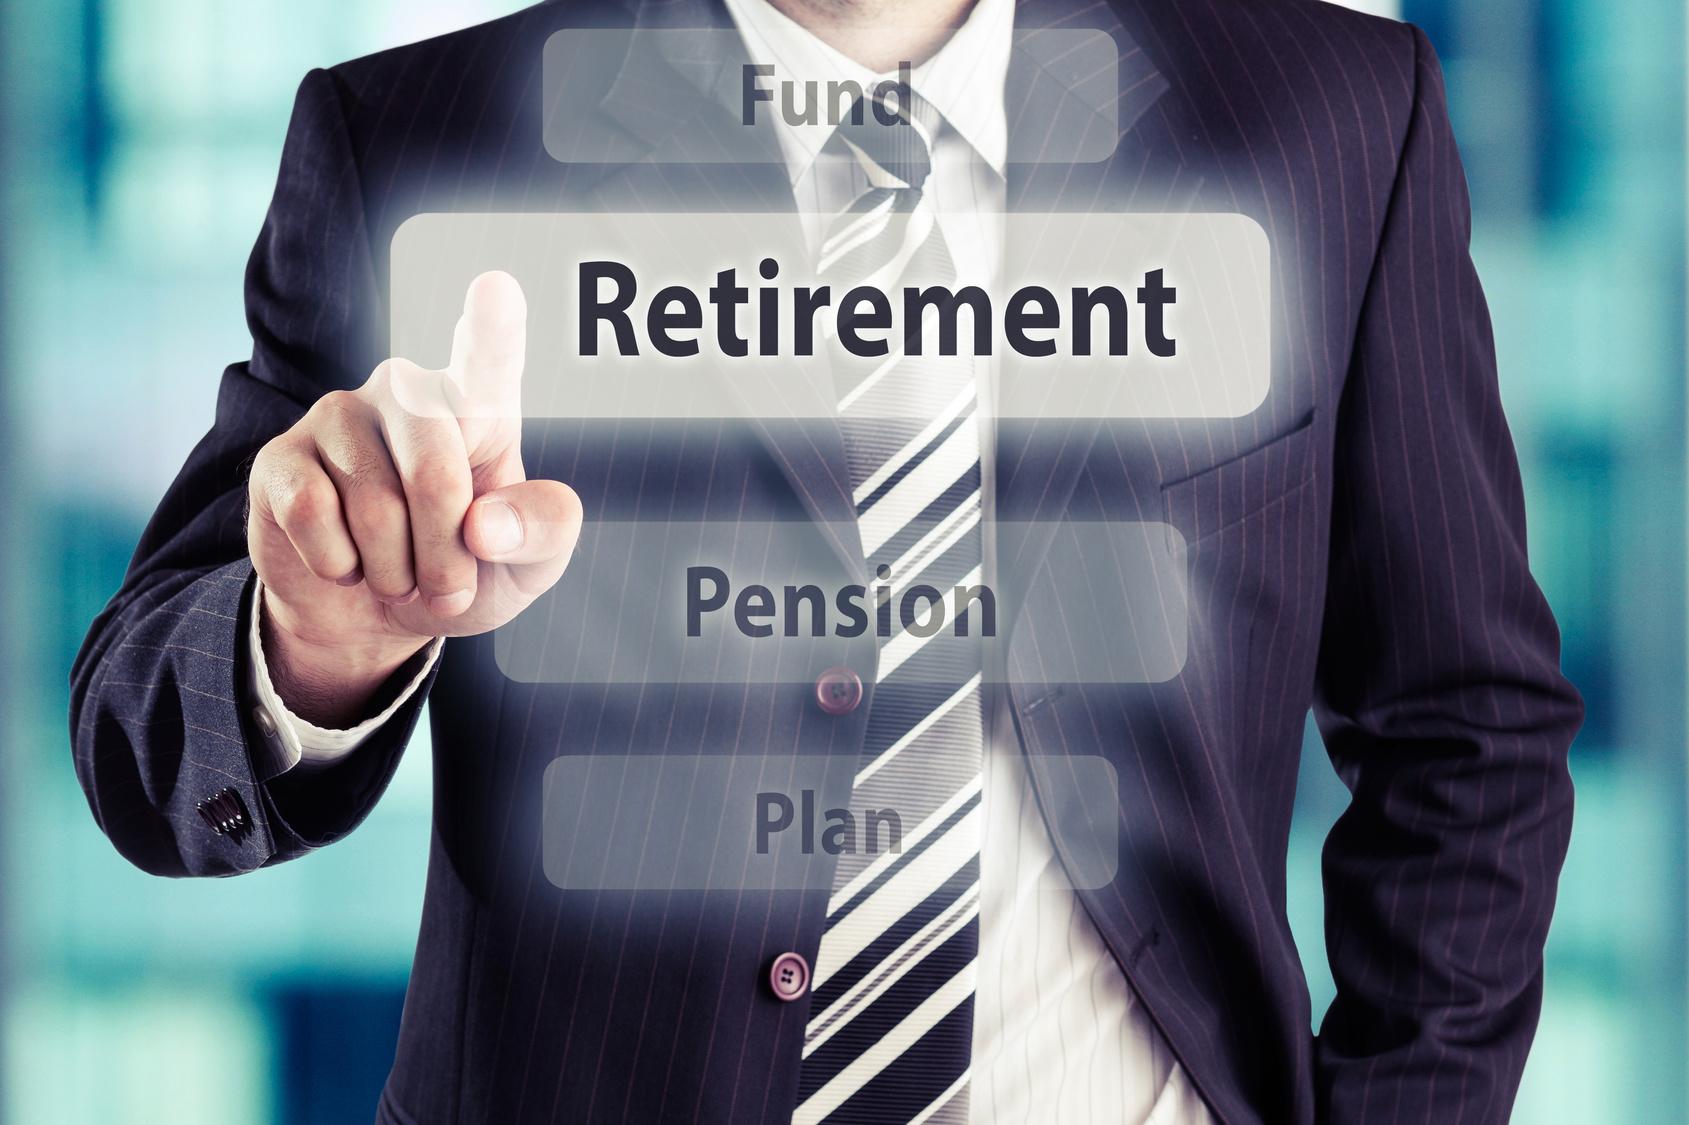 Man pressing retirement button. Retirement concept, toned photo.